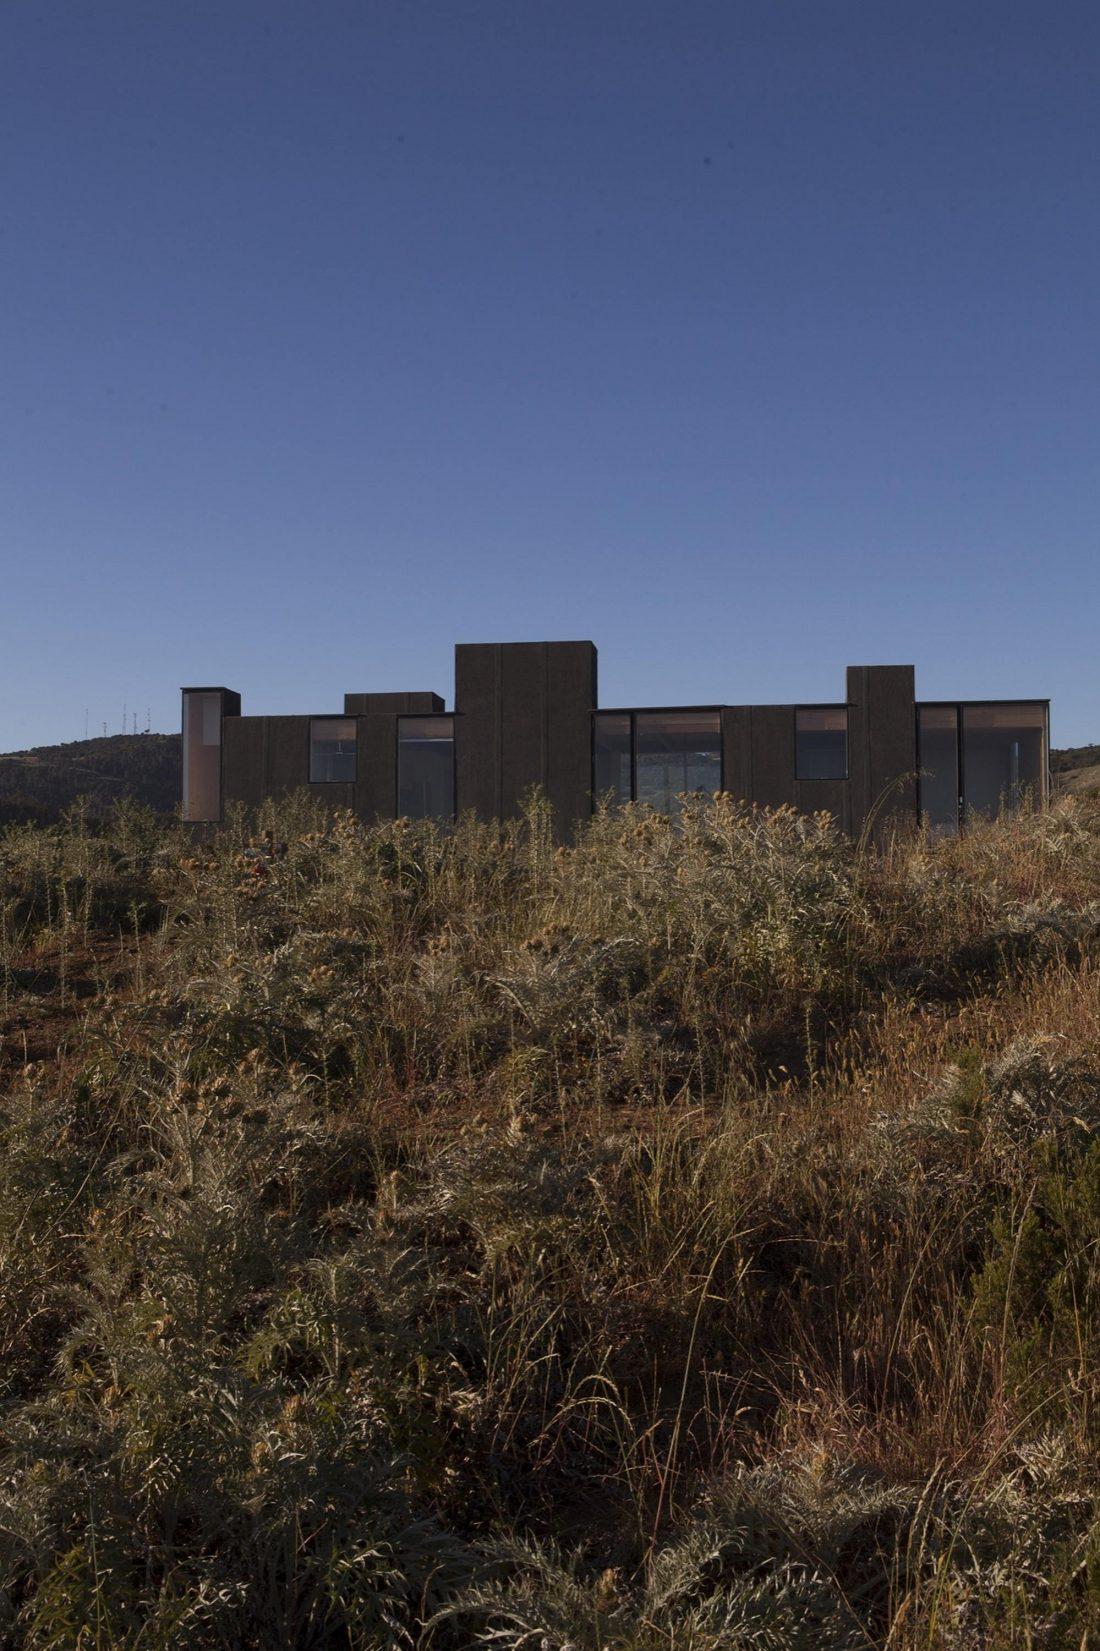 Дом в Чили от архитекторов Alfredo Gonzalez Briceno и Ignacio Rojas Hirigoyen 8